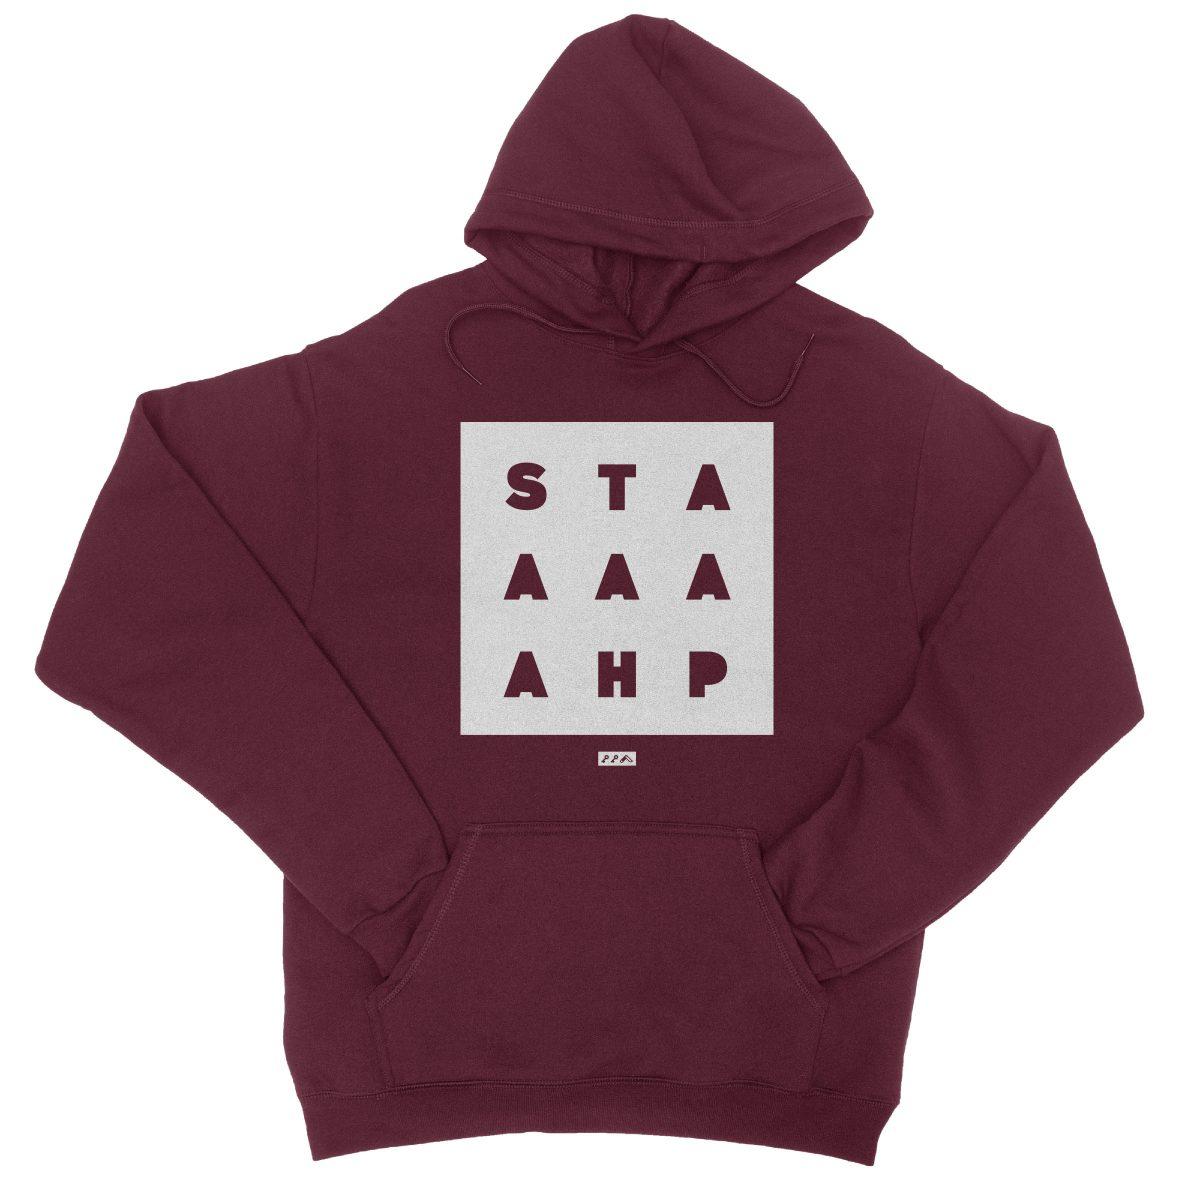 """""""STAAAAAHP"""" funny philly slang hoodie sweatshirt in maroon"""